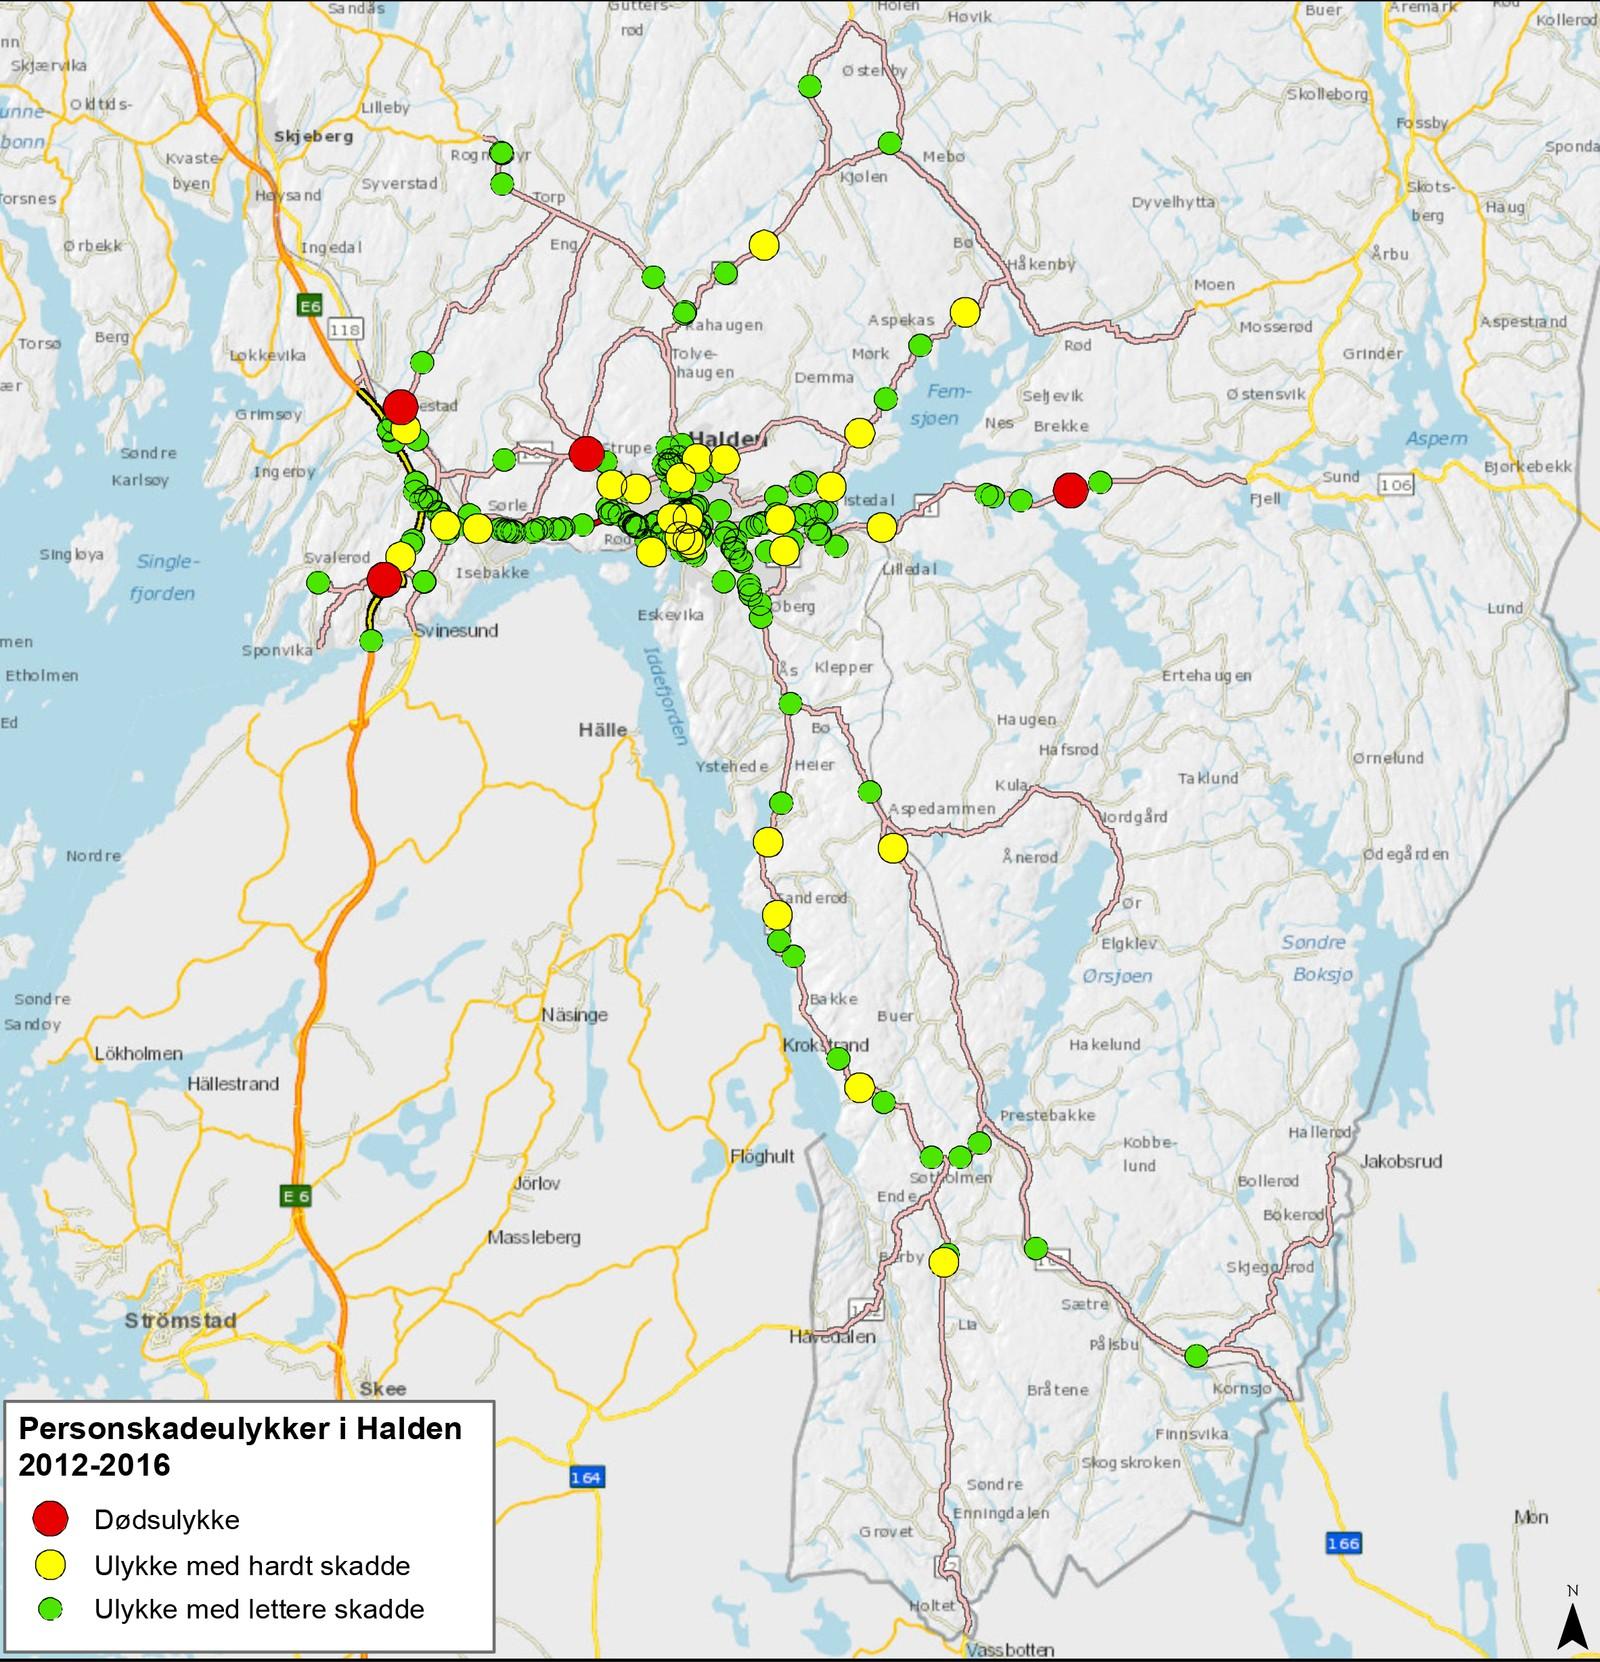 I Halden har det vært flest ulykker i sentrum og på veien mellom sentrum og E6.